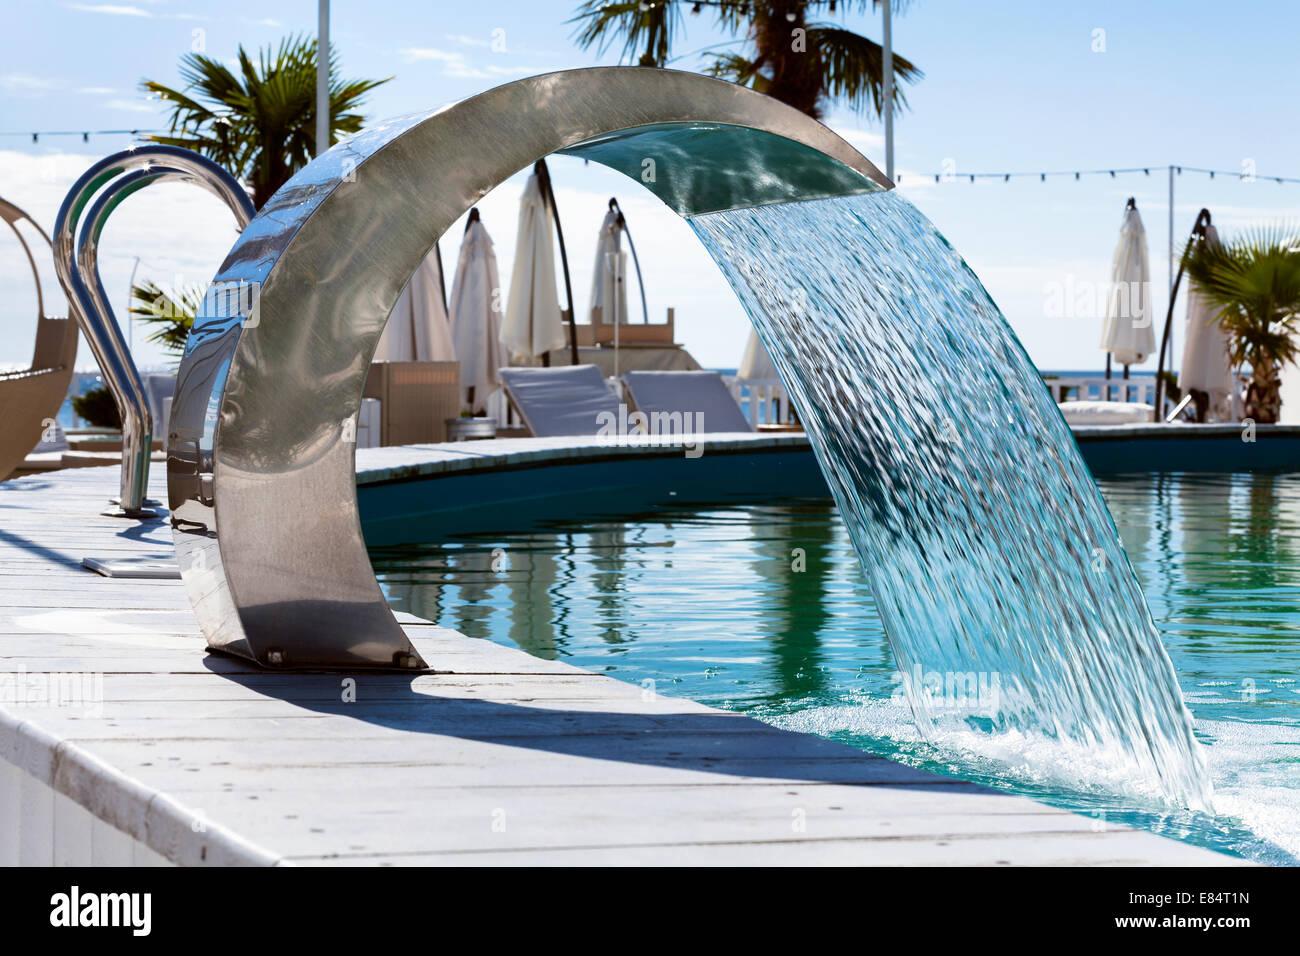 Getto a cascata piscina foto immagine stock 73865393 - Piscina a cascata ...